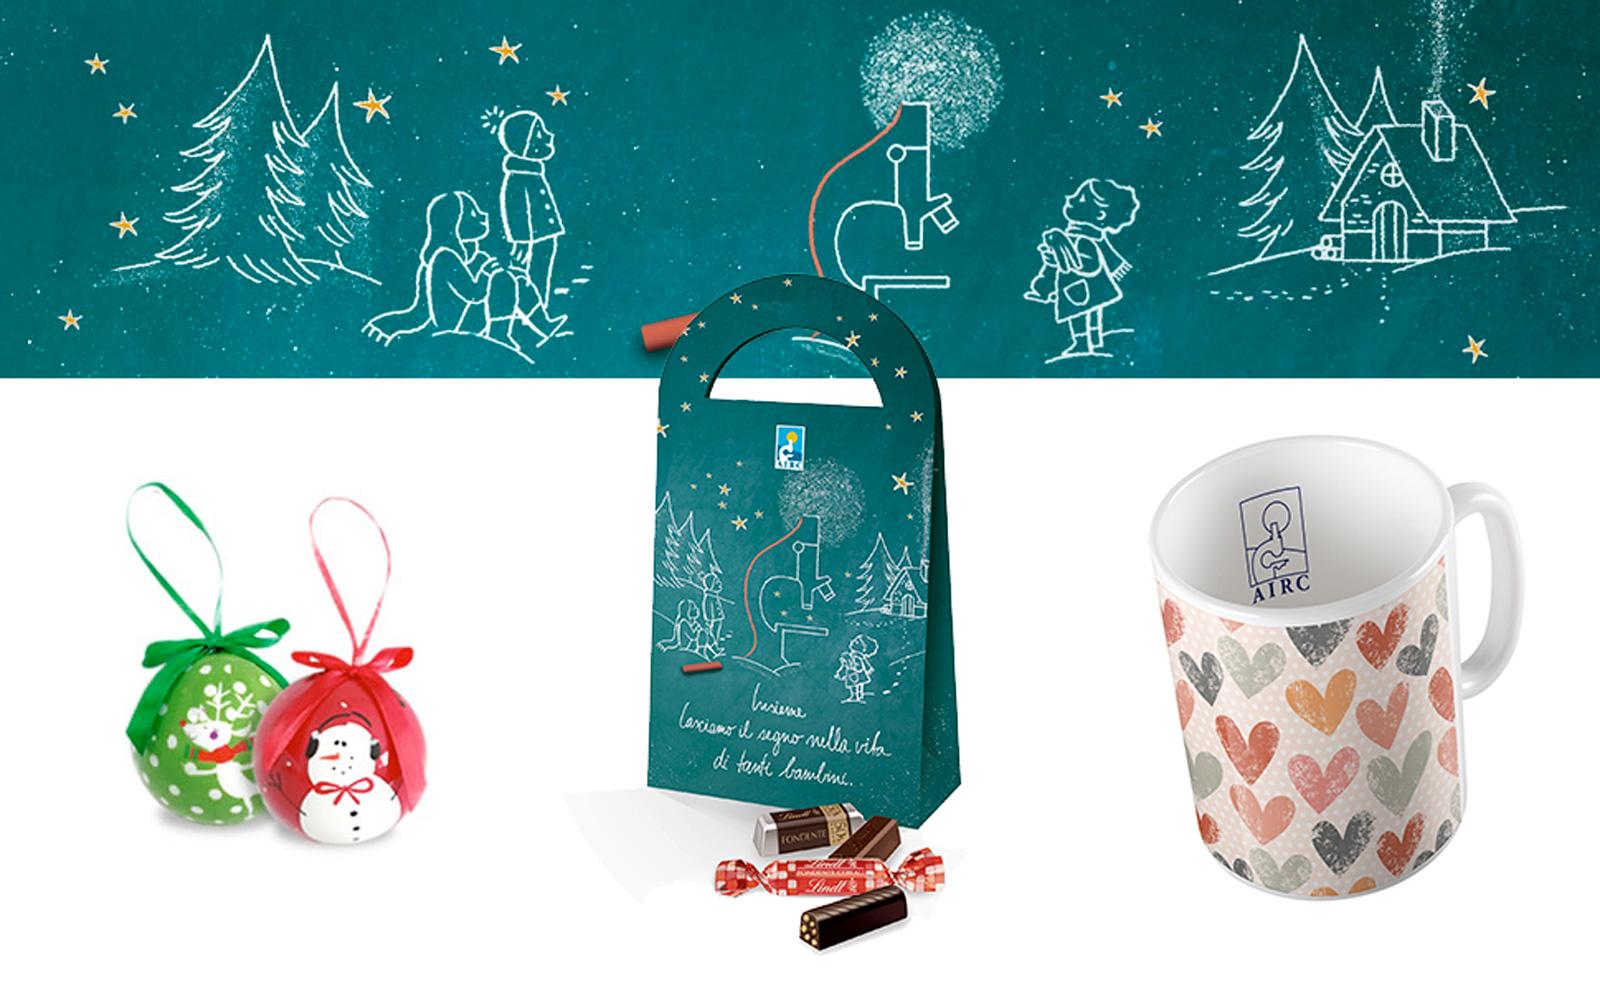 Biglietti Di Natale Airc.A Natale Insieme Ad Airc Per Costruire Un Futuro Libero Dai Tumori Pediatrici Silhouette Donna